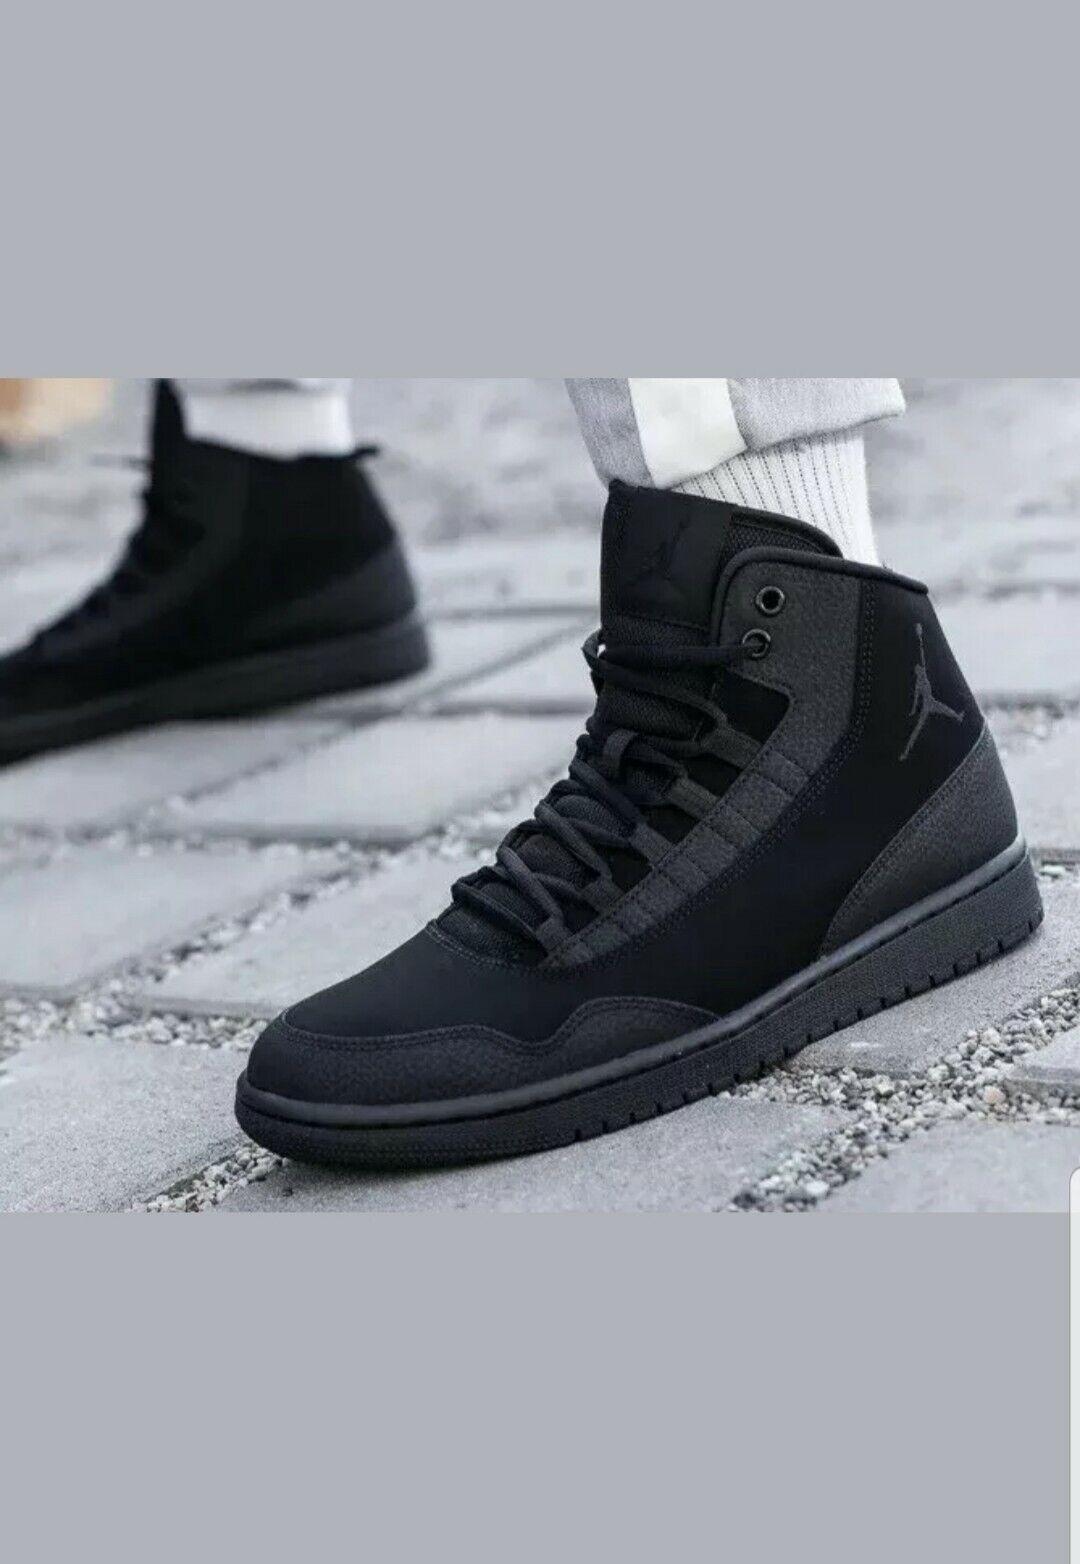 Jordan EXECUTIVE Mens Black Black-Black 820240-010 Sneaker shoes Size 12